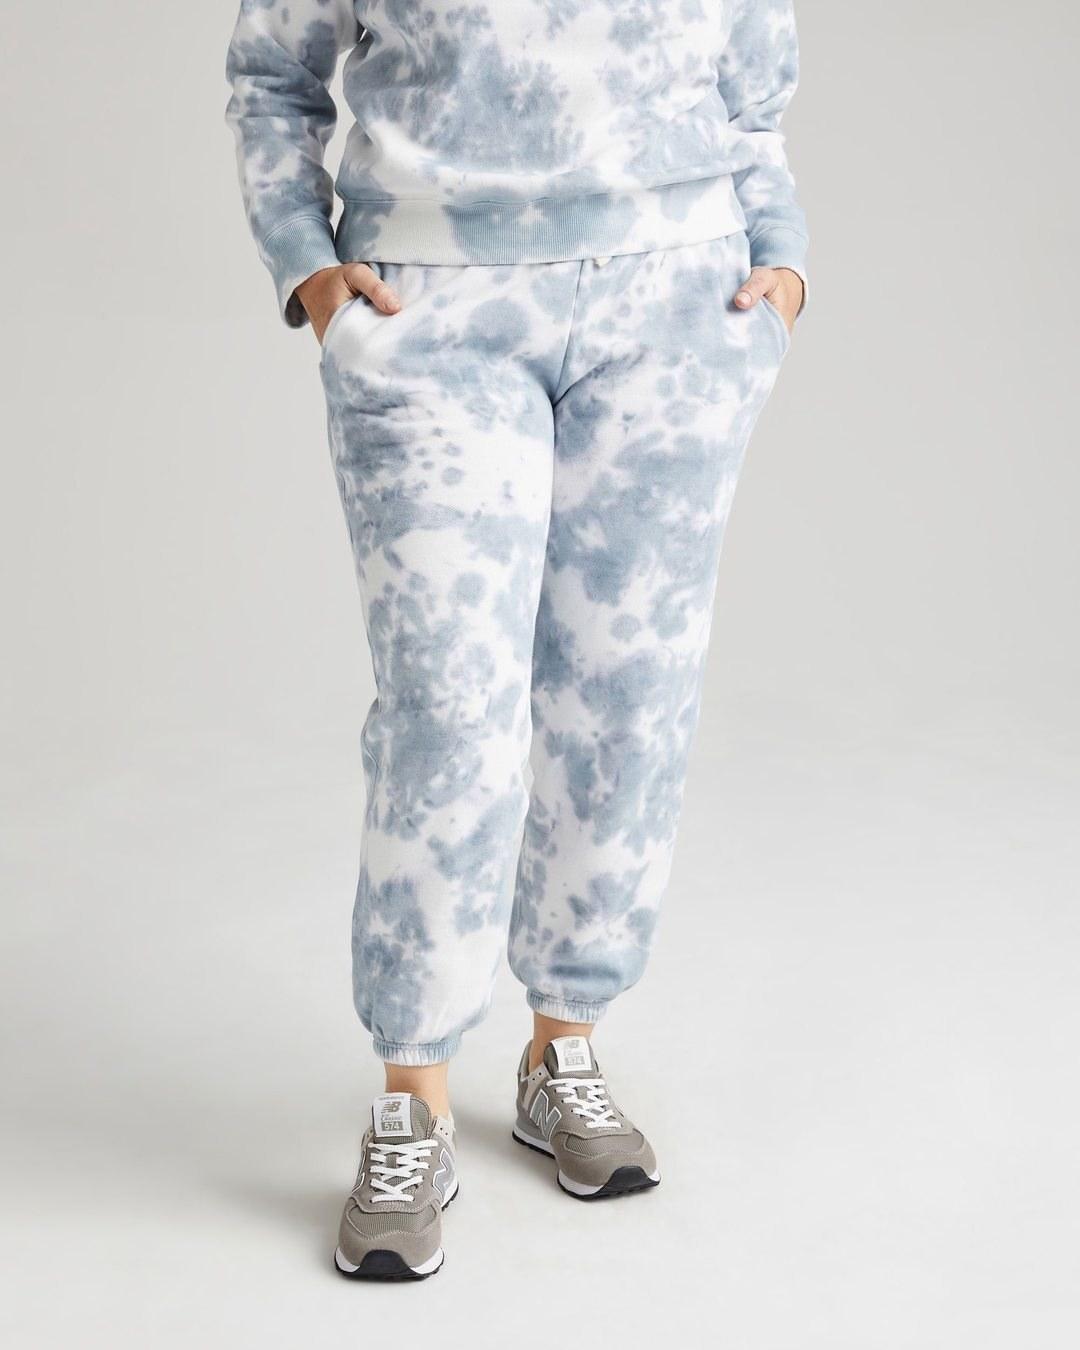 model wearing the blue tie dye pants